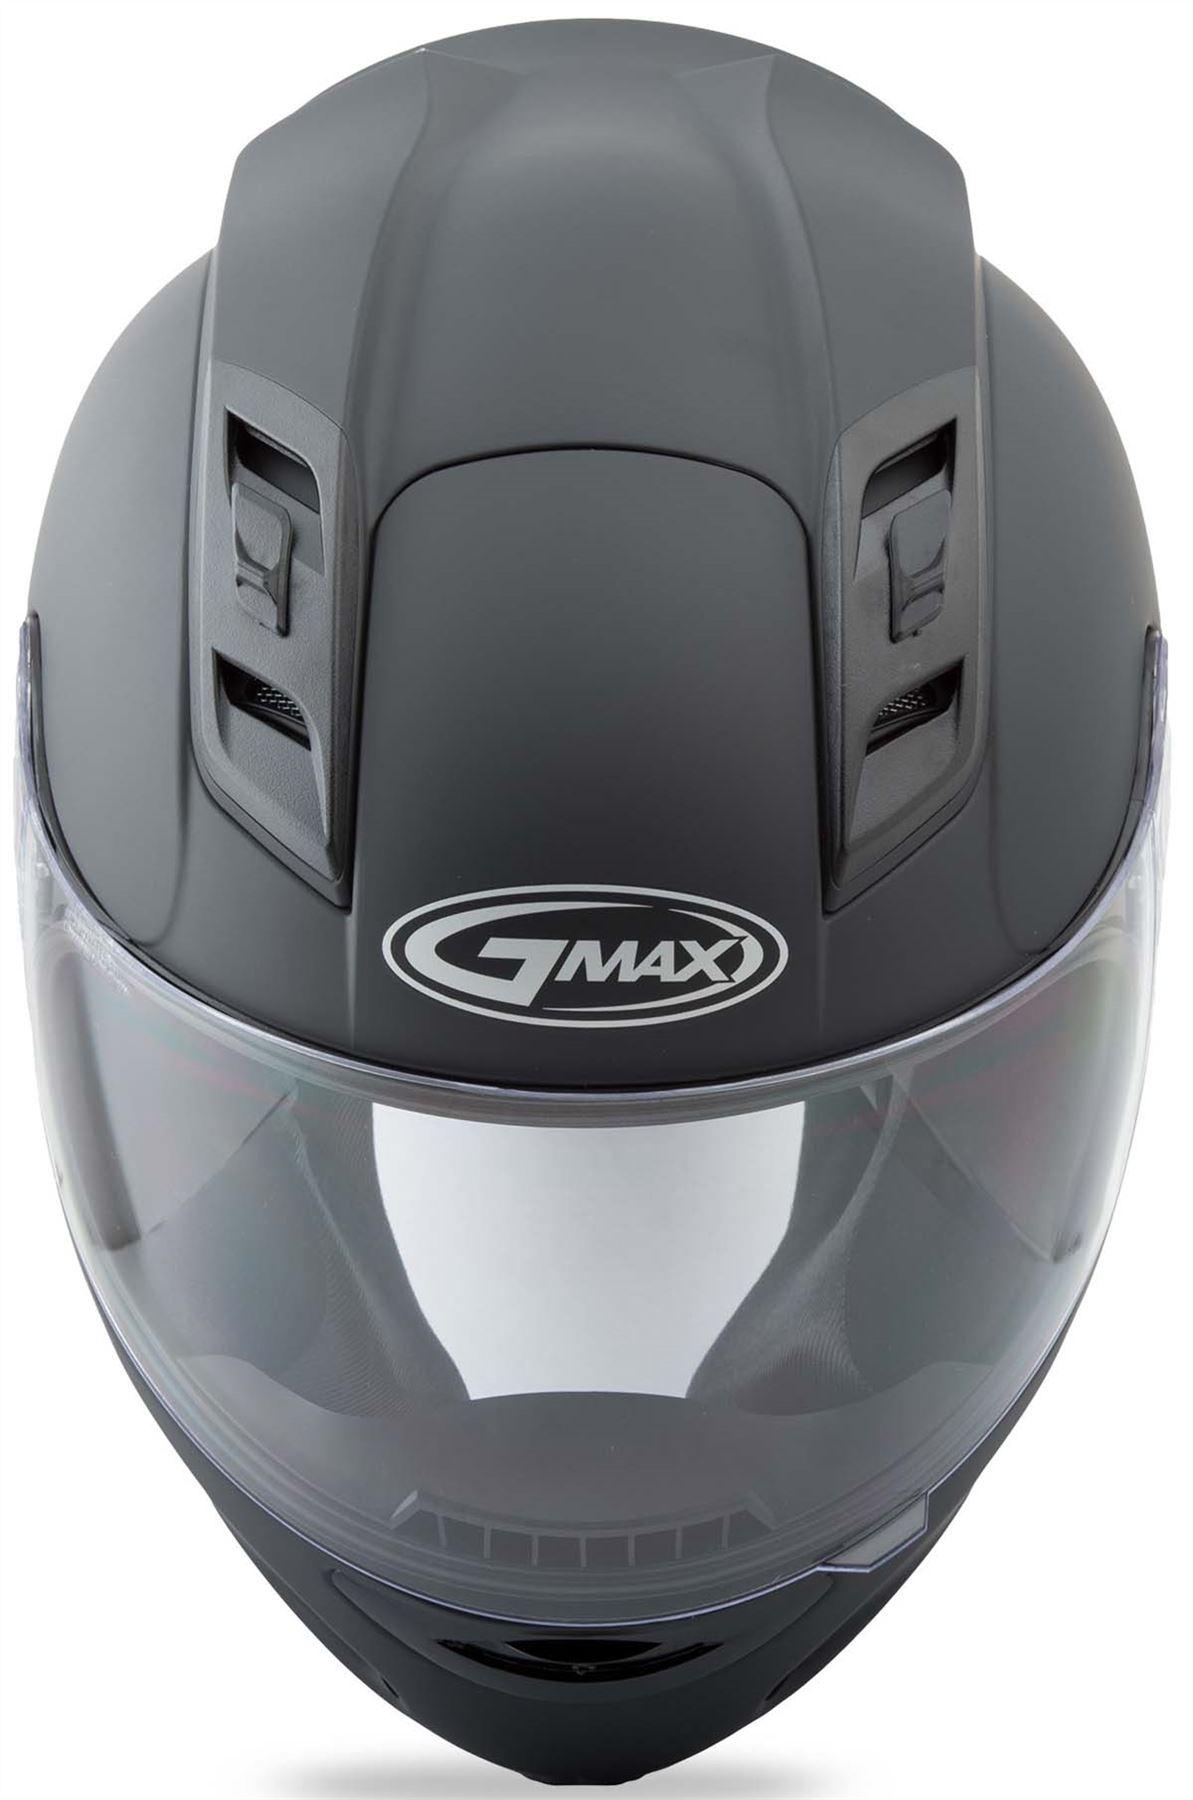 GMAX GM69 FULL FACE MAYHEM HELMET BLACK//SILVER//HI-VIS GREEN X